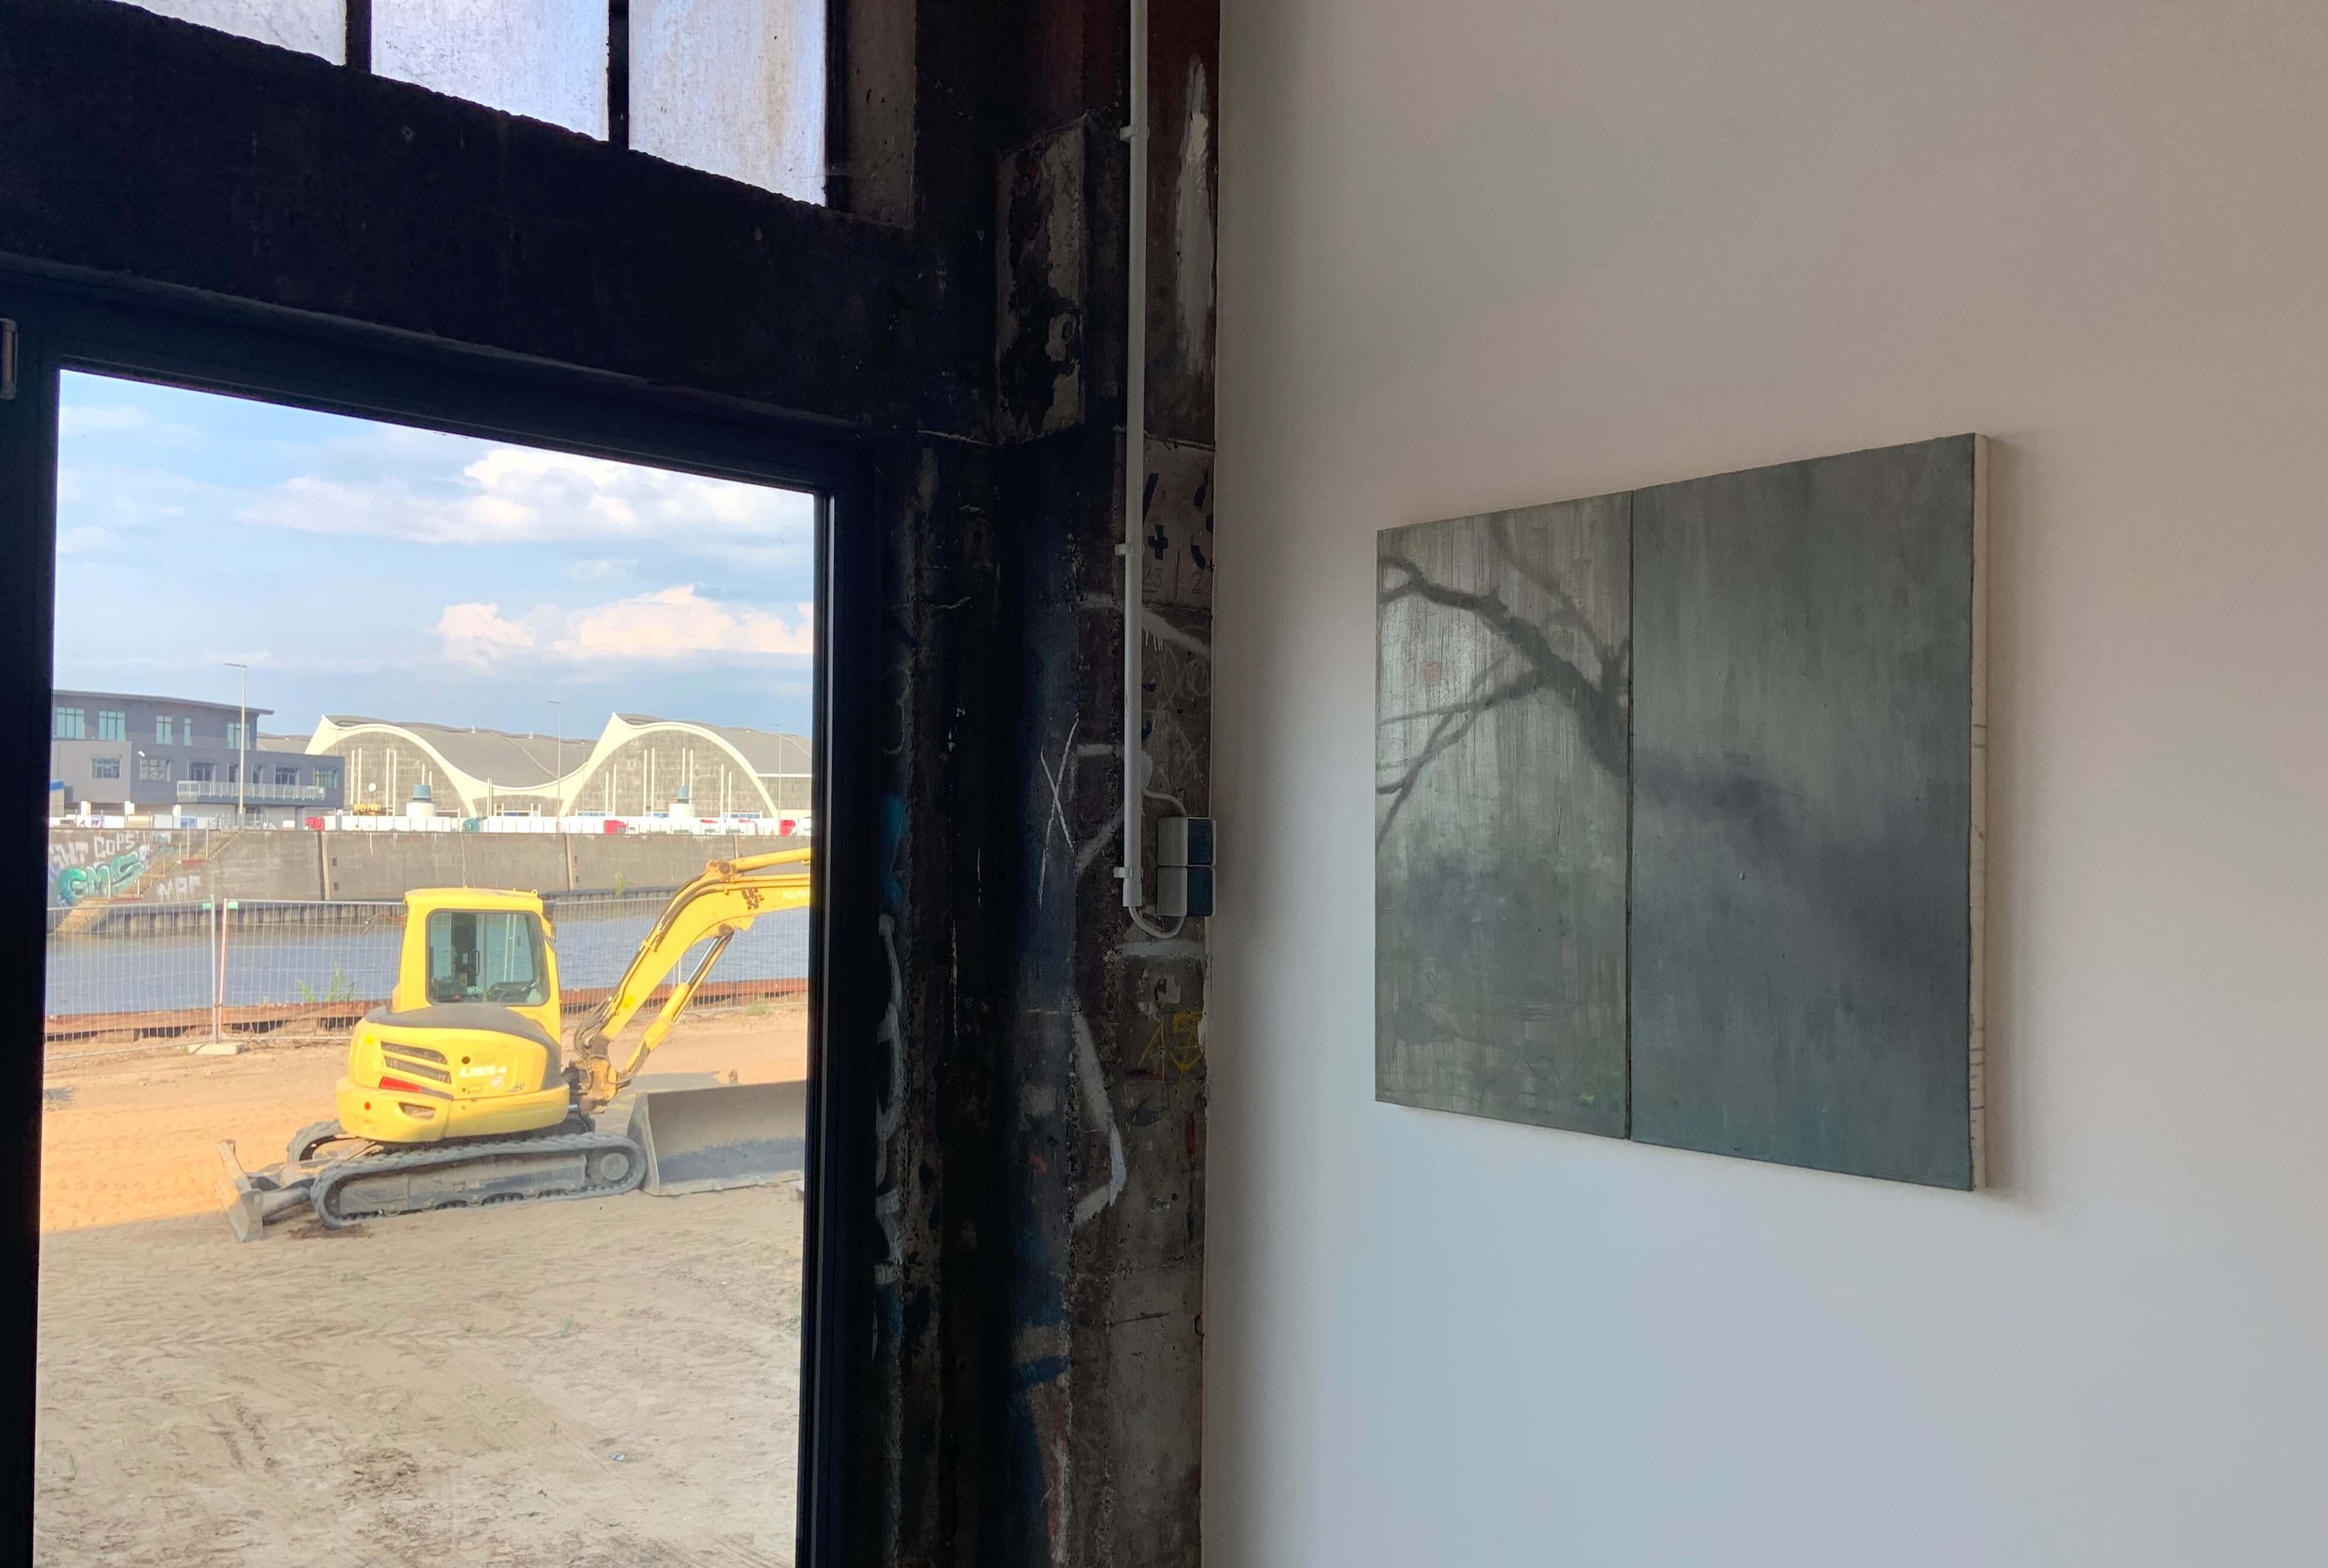 """Ausstellungsansicht Yang Kailiang """"画 Malerei"""" bei Tom Reichstein Contemporary. Blick us dem Fenster auf die Großmarkthallen und eine Baustelle. Gemälde von Yang Kailiang im Vordergrund."""